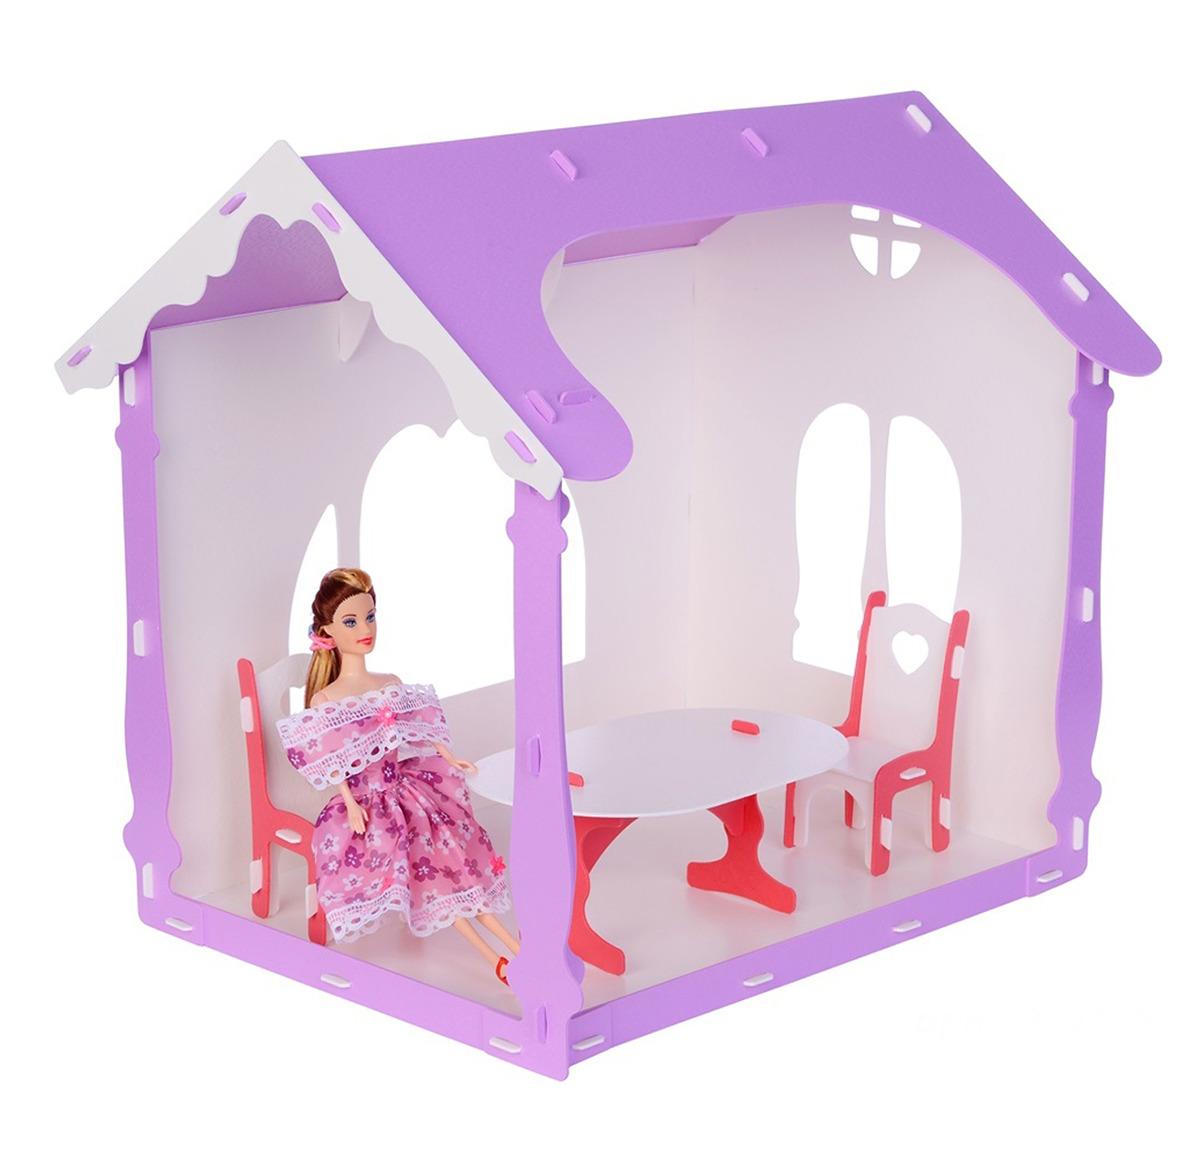 Дом для кукол Replace and Choose Летний дом Вероника, 3494267, с мебелью, белый, сиреневый replace and choose домик для кукол летний дом вероника бело с мебелью